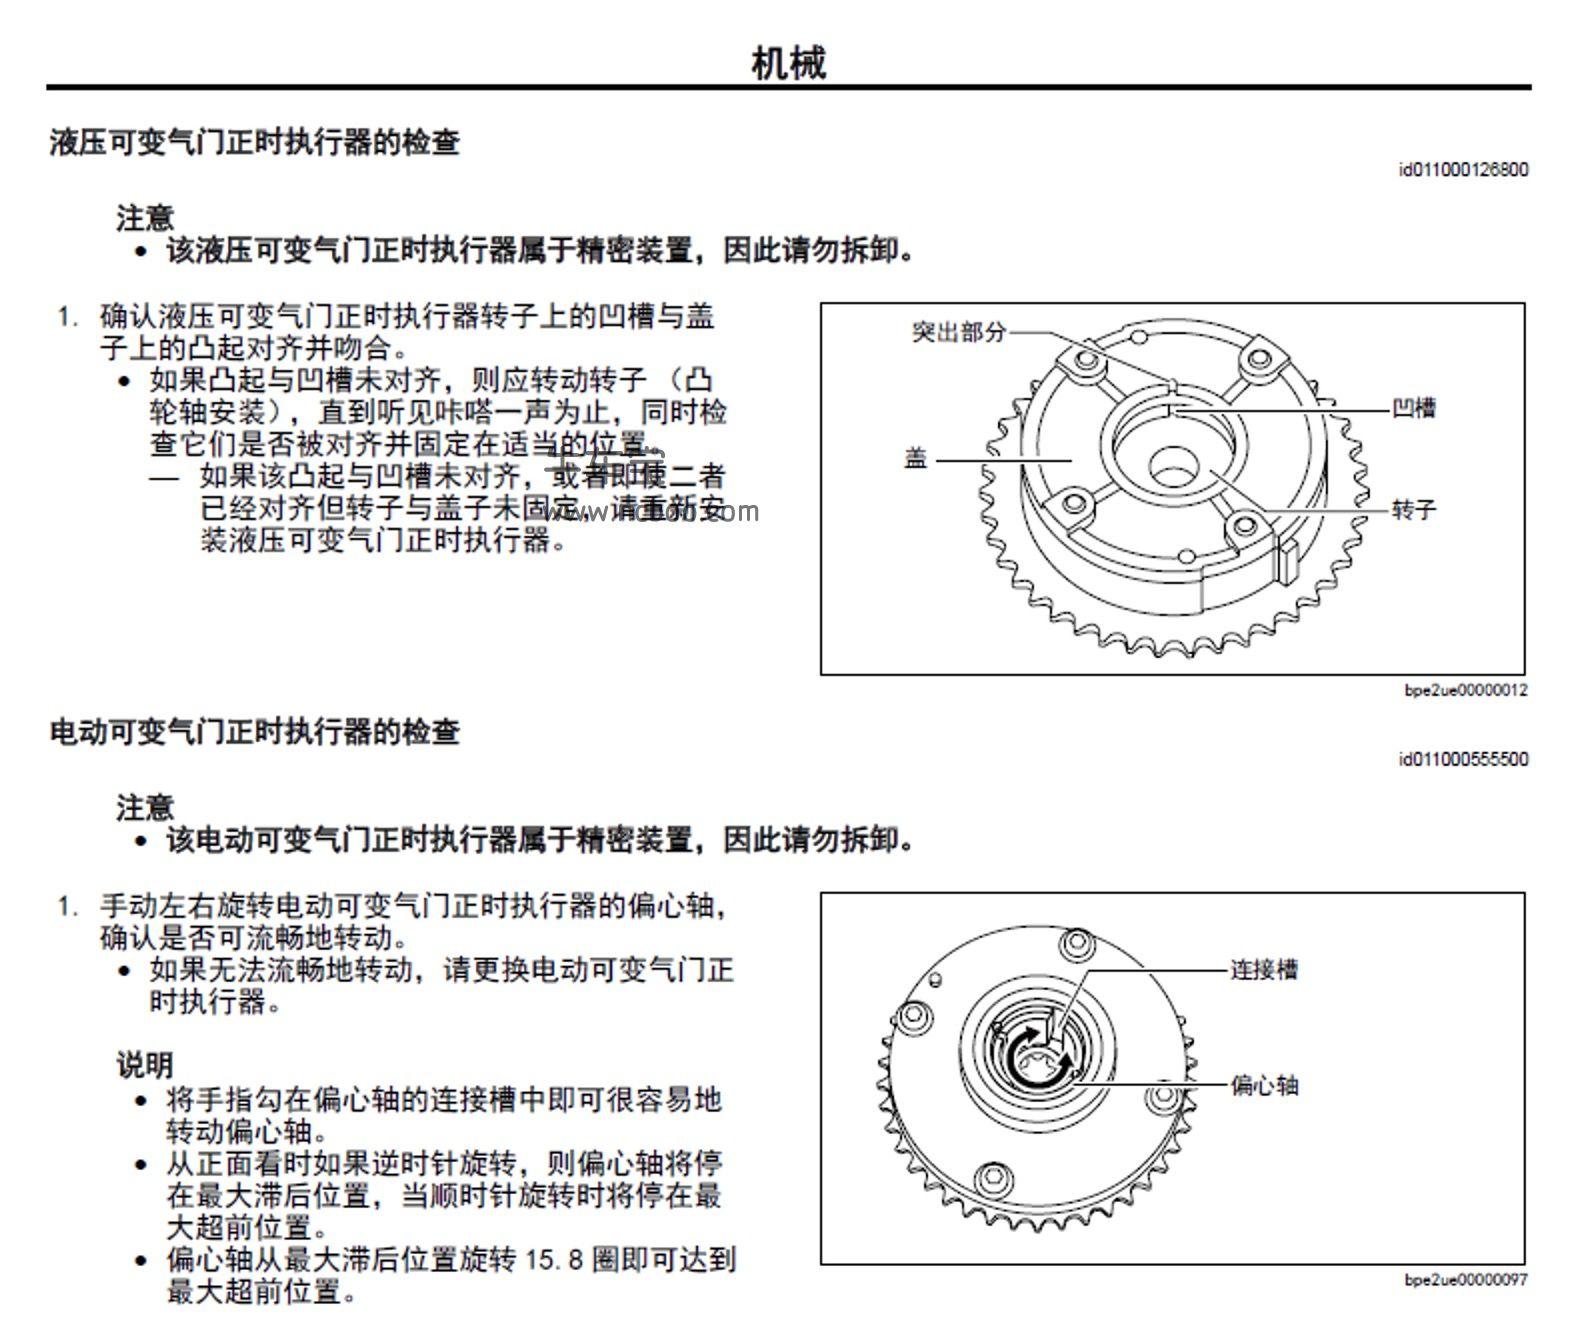 2014-2016款马自达3(昂克赛拉)原厂维修手册和电路图资料